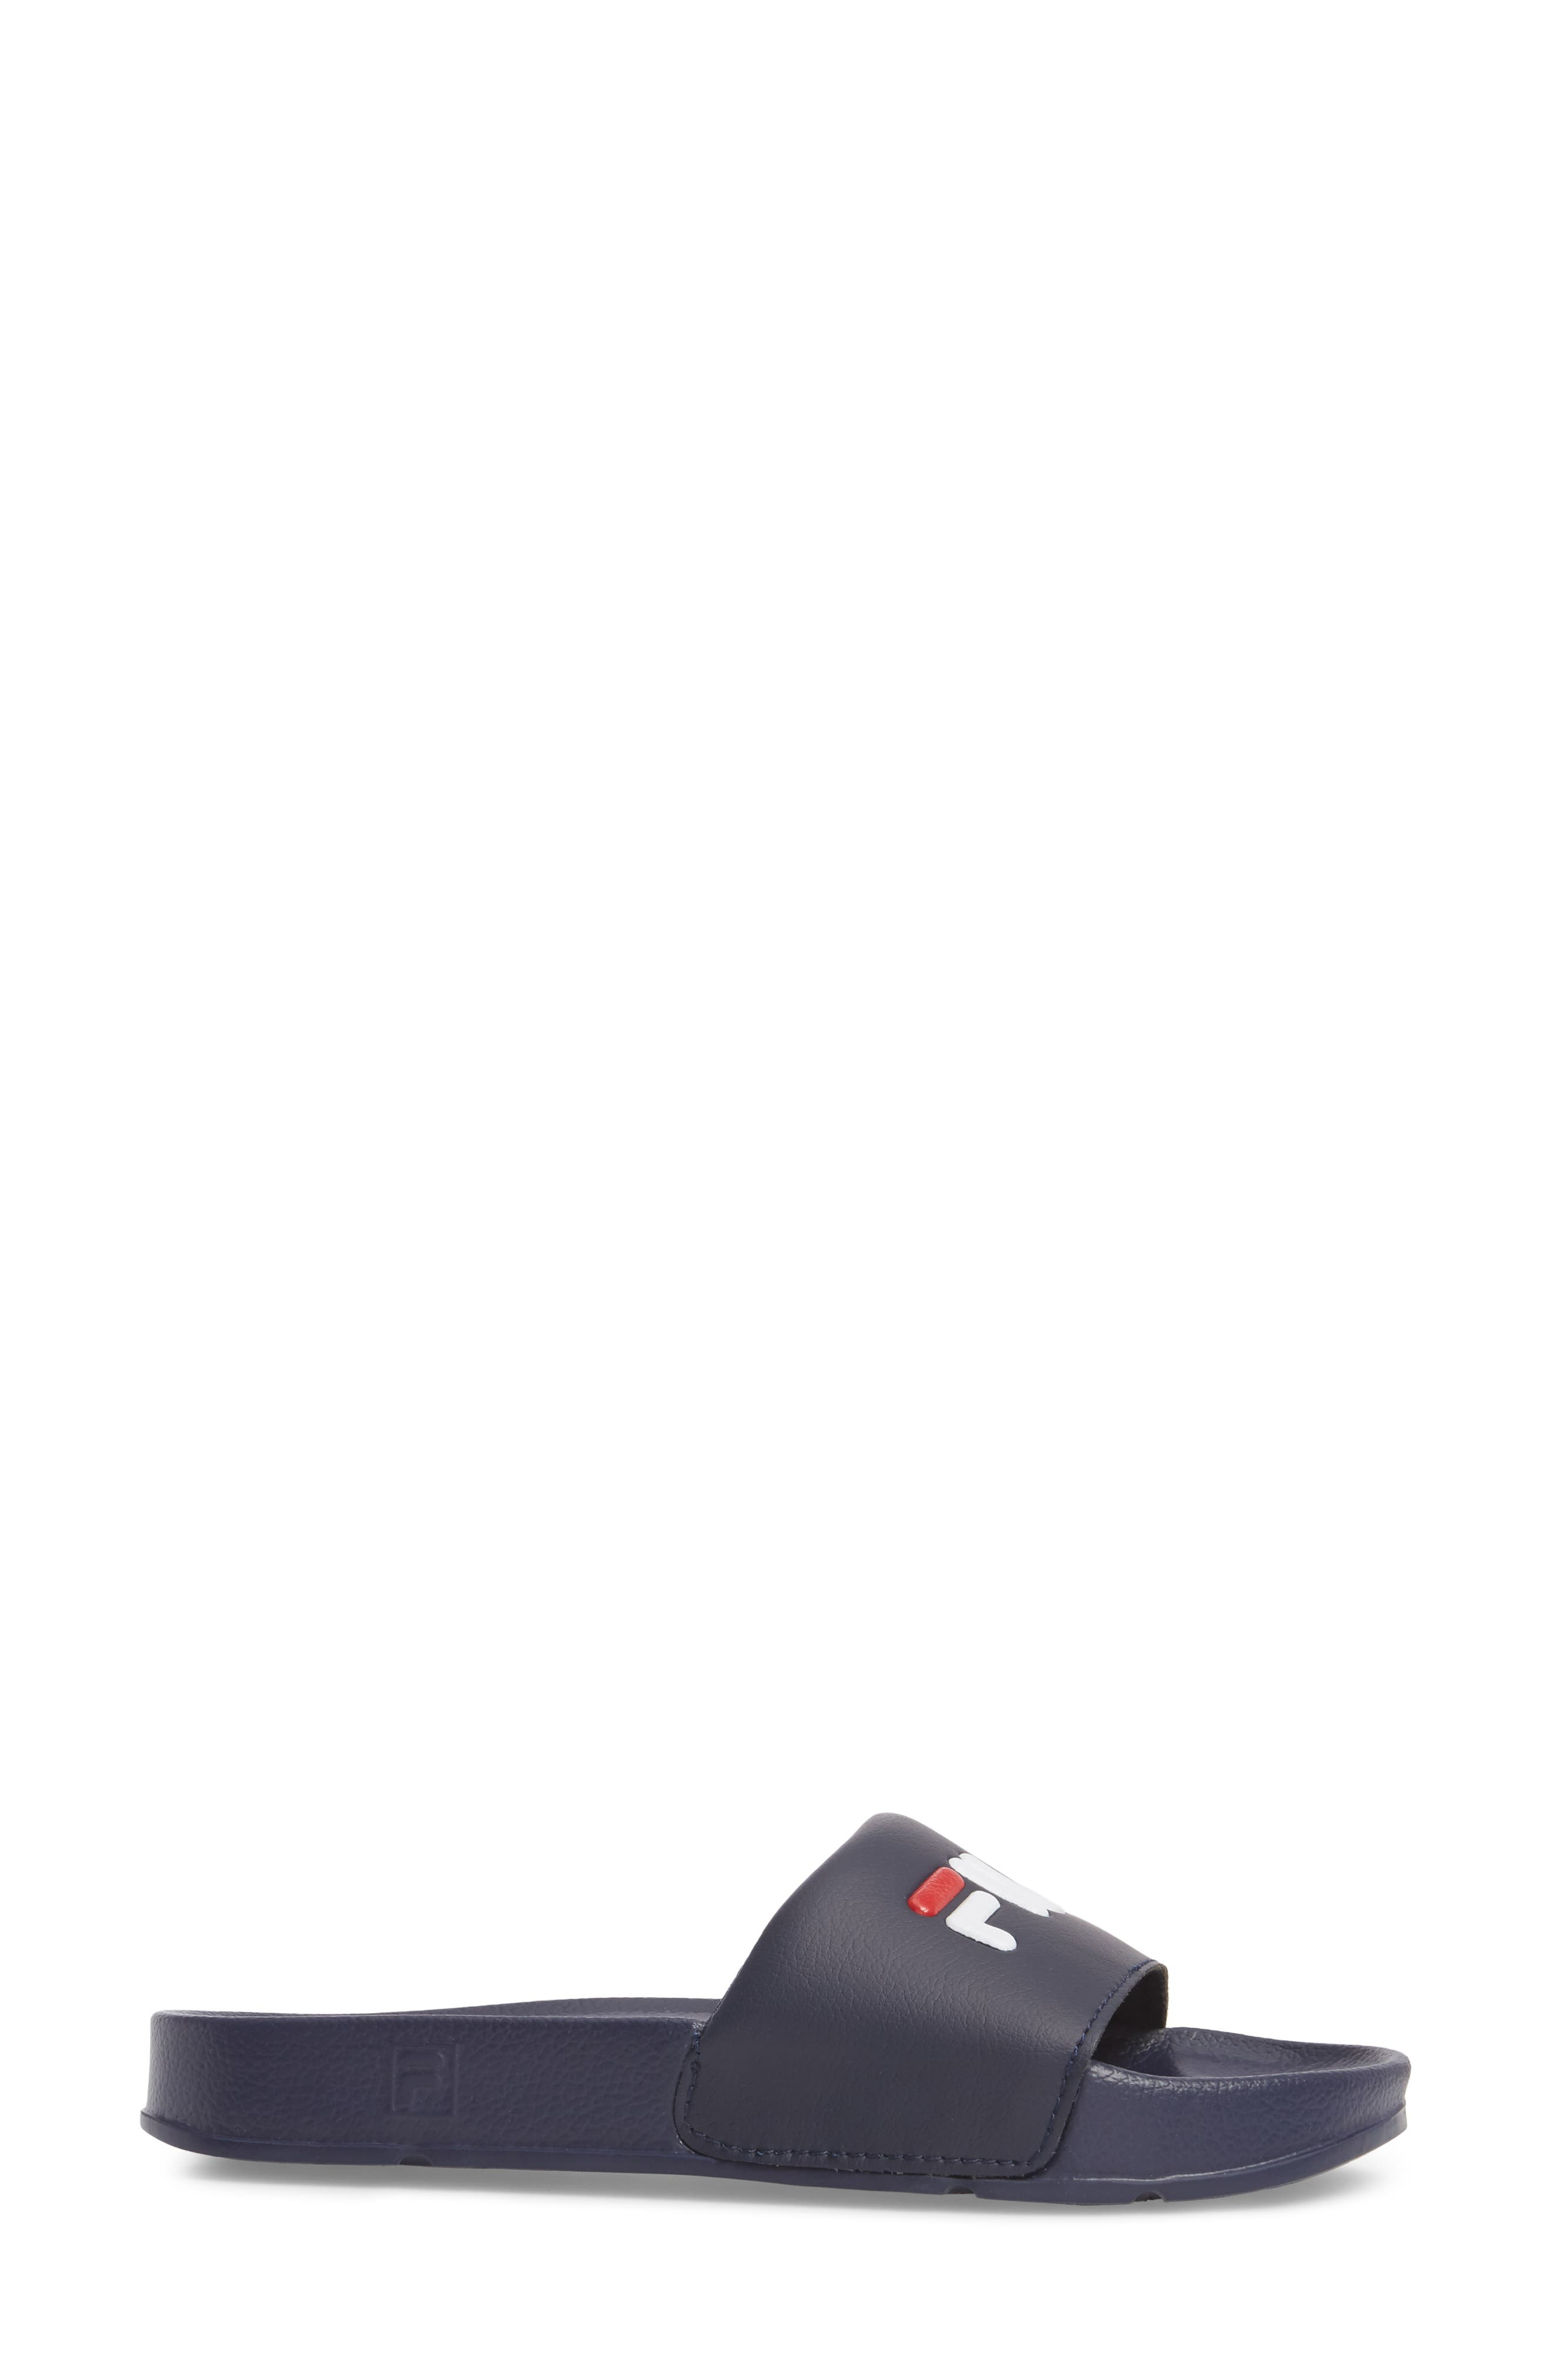 Slide Sandal,                             Alternate thumbnail 3, color,                             NAVY/ RED/ WHITE